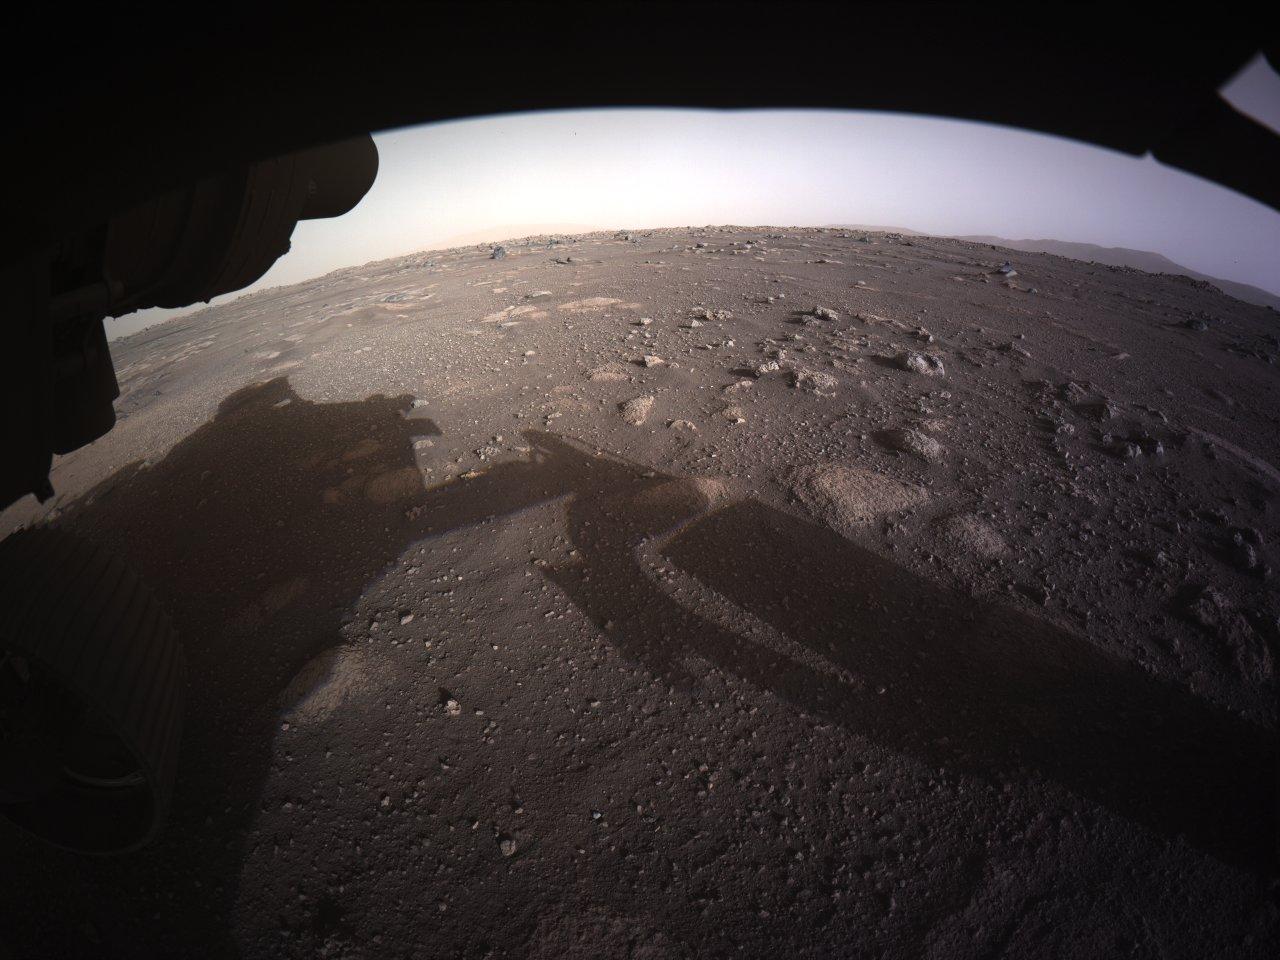 Imágenes de Marte capturadas por el Perseverance.